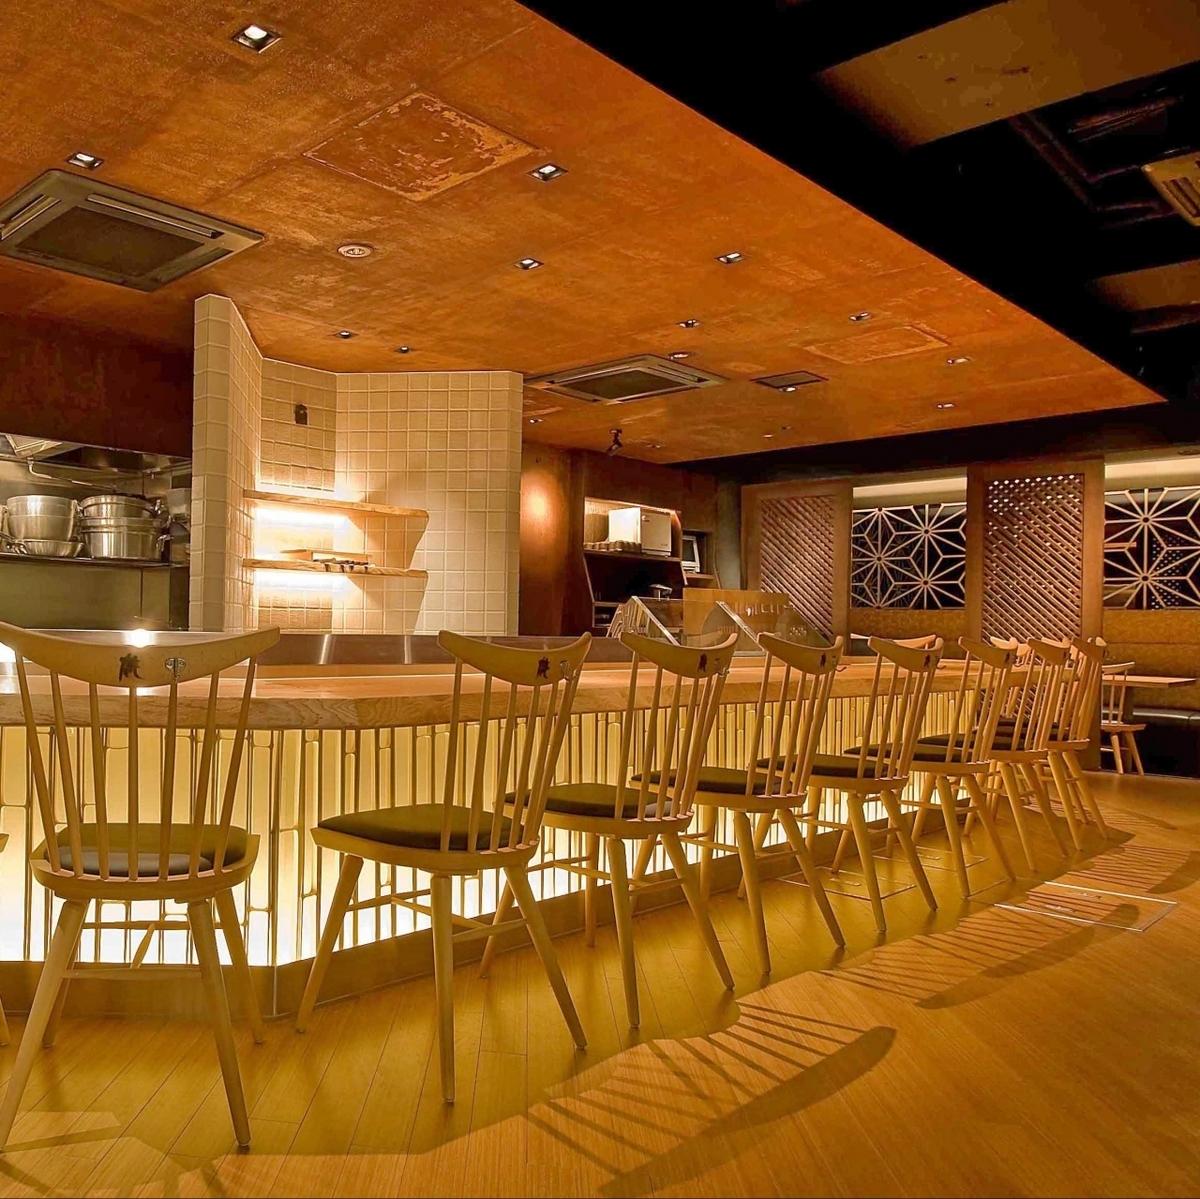 座位有生活感,在那裡你可以看到面前的食物。一張溫暖的桌子☆